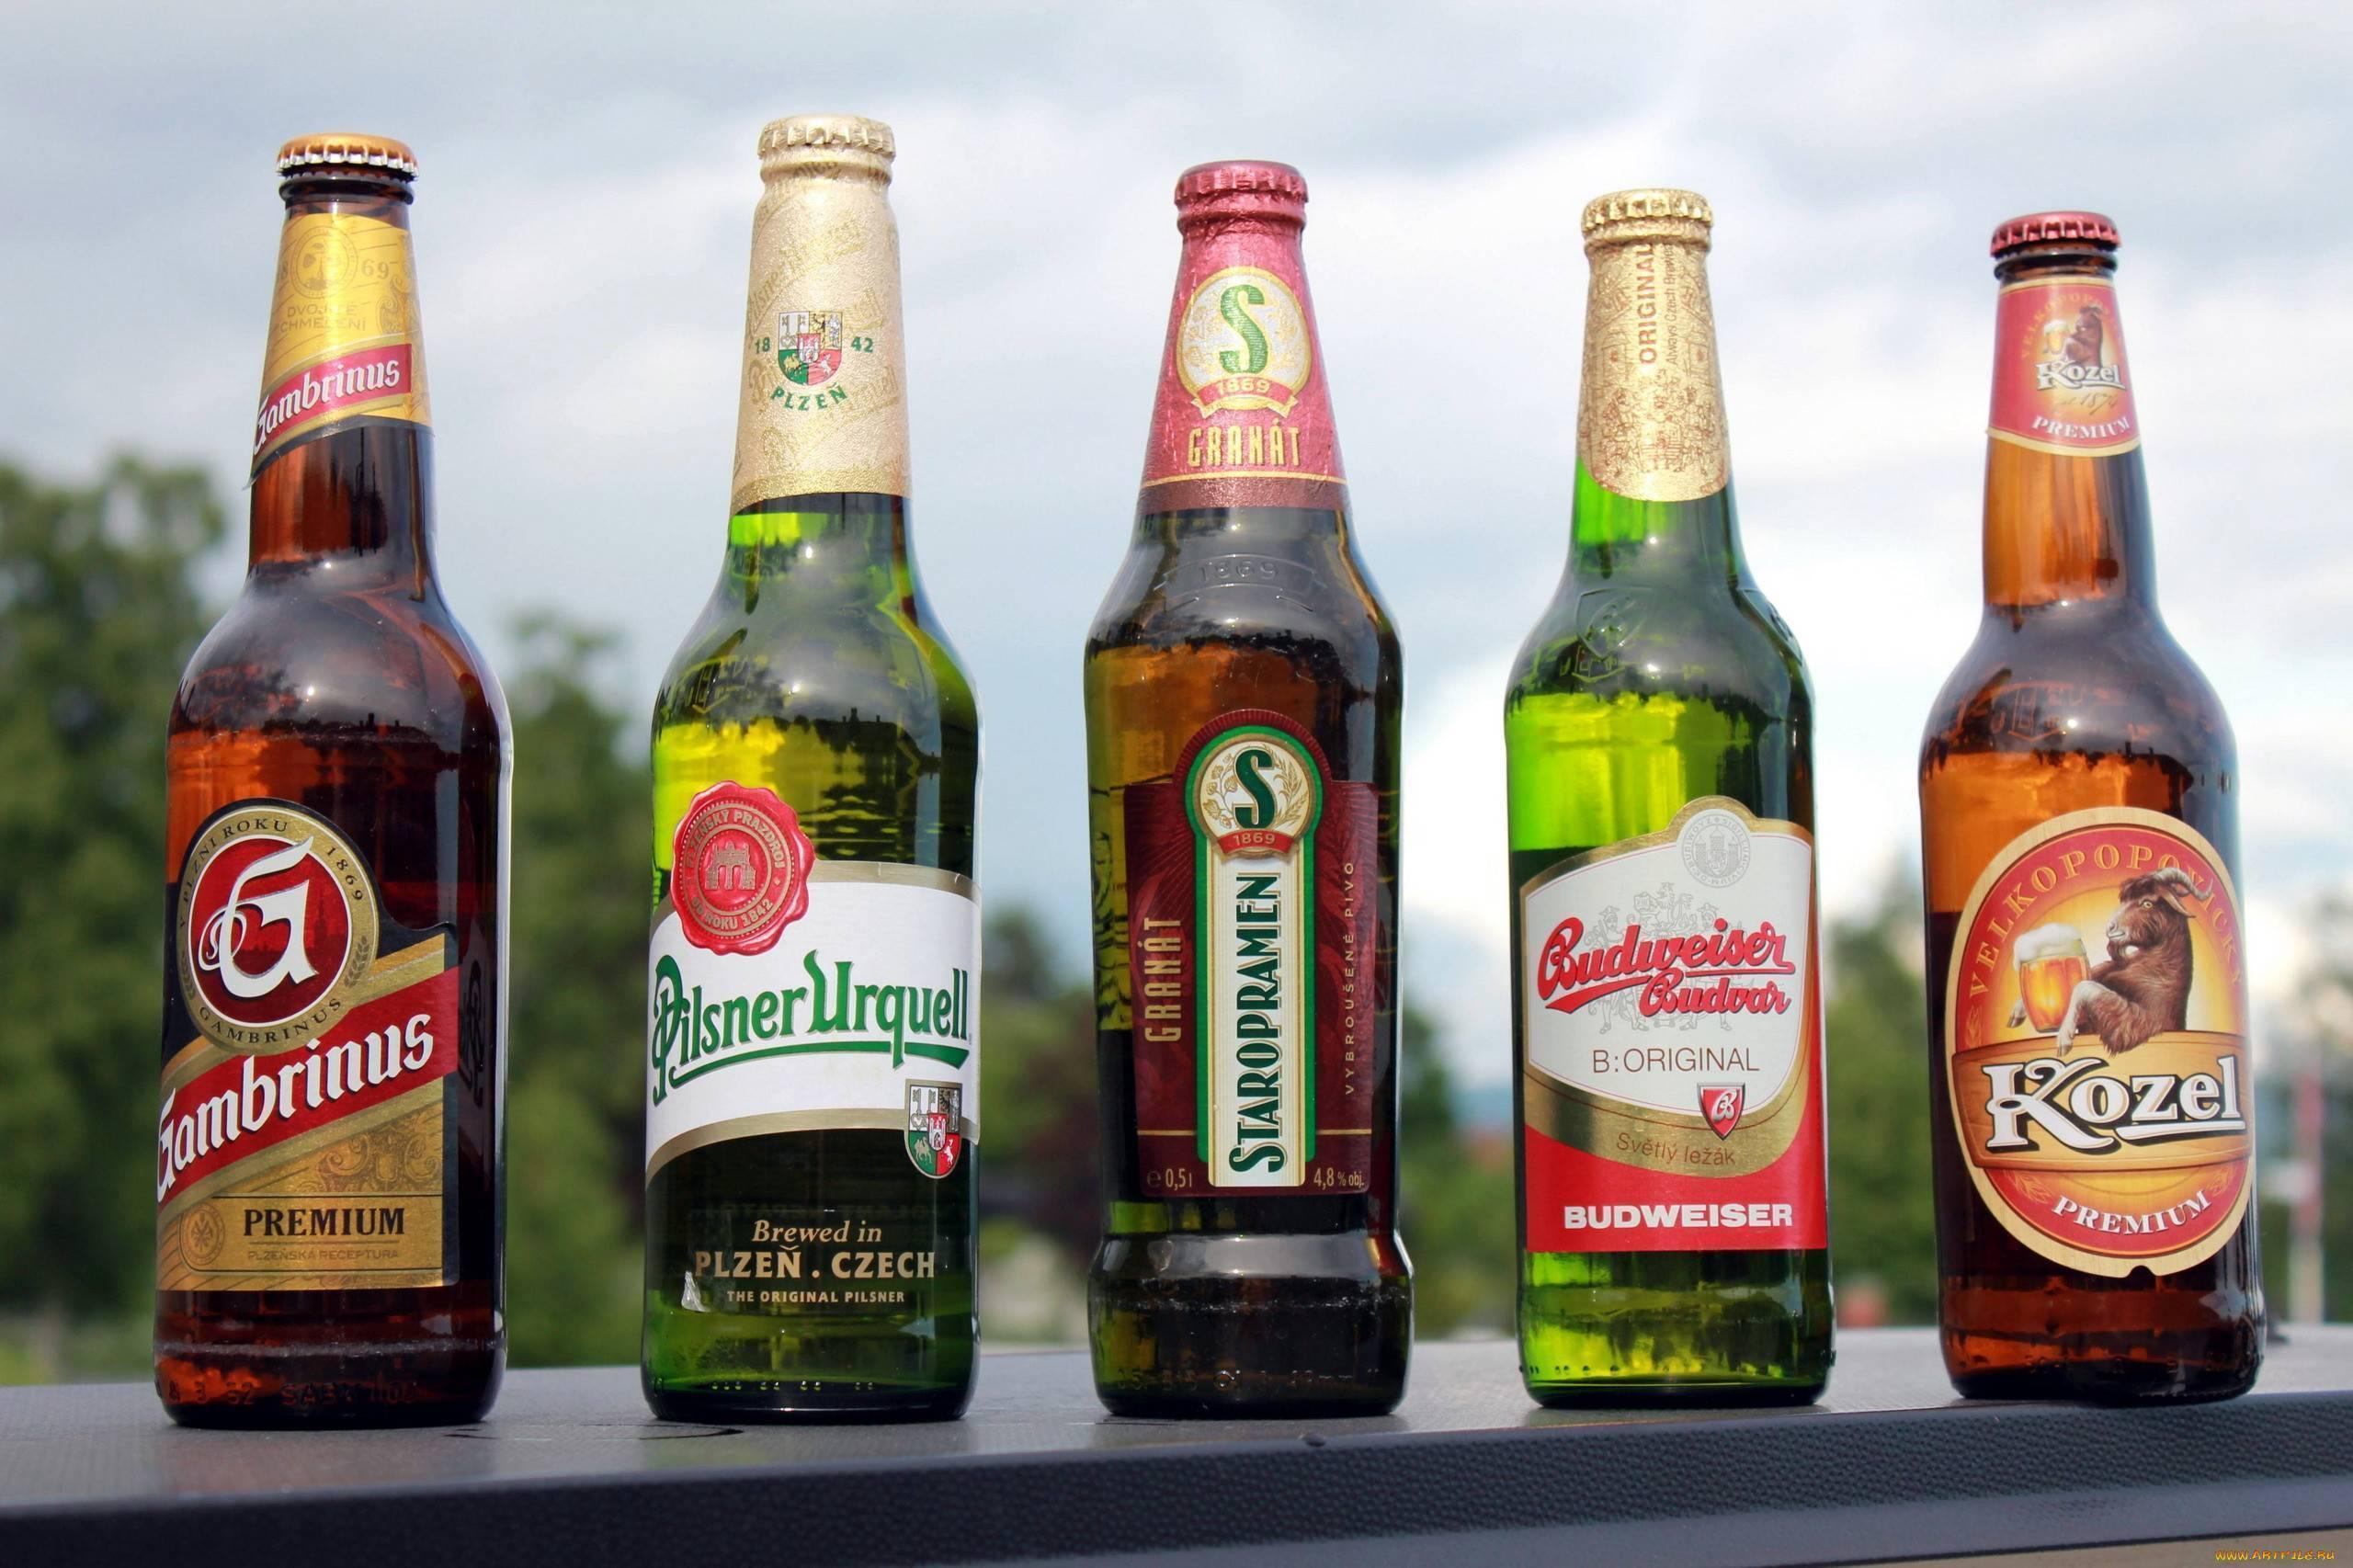 Чешская республика - в основном известная как прага и пиво